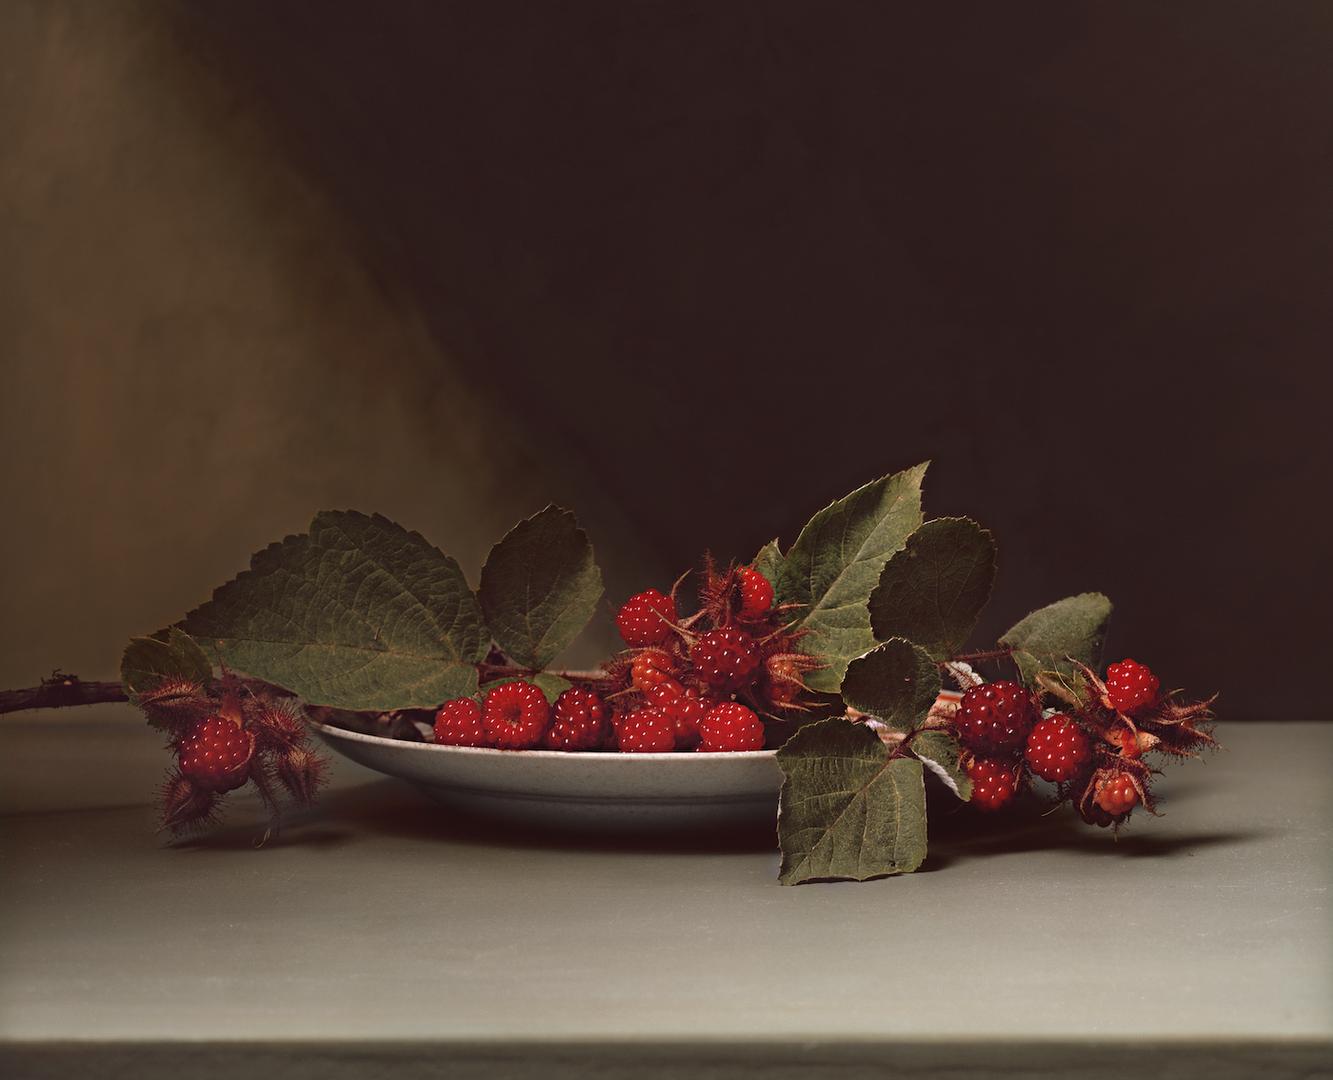 SharonCore_Blackberries.tif